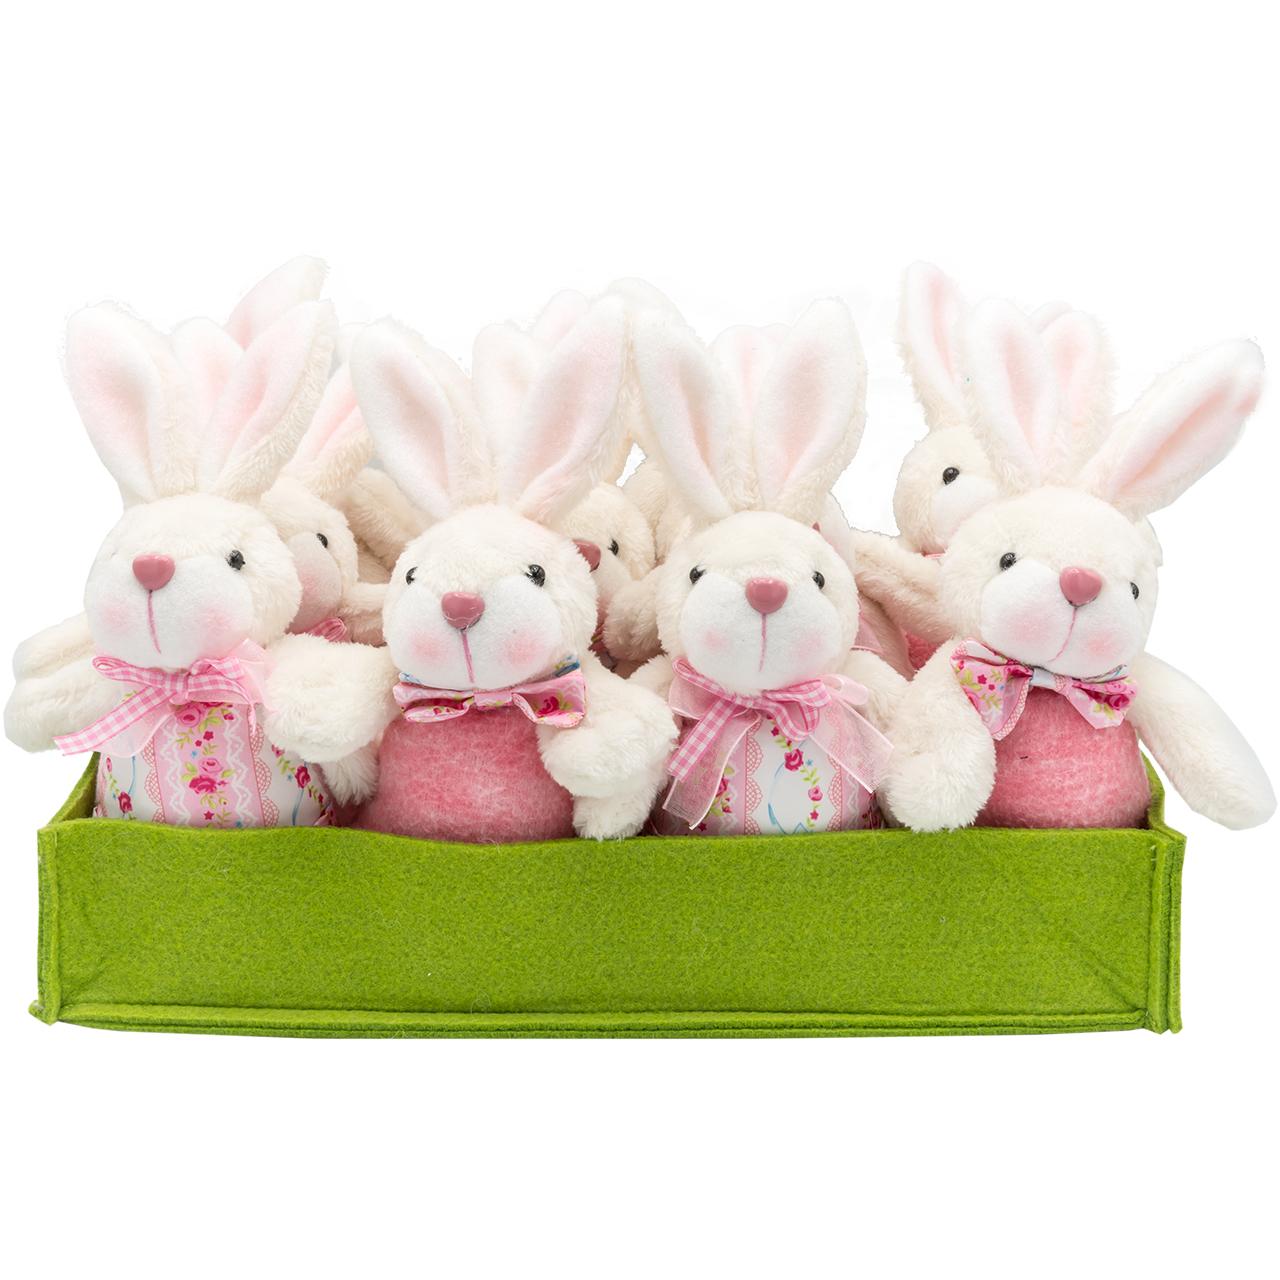 ست عروسک مدل Mrs and Mr Rabbit ارتفاع 20 سانتی متر بسته 12 عددی